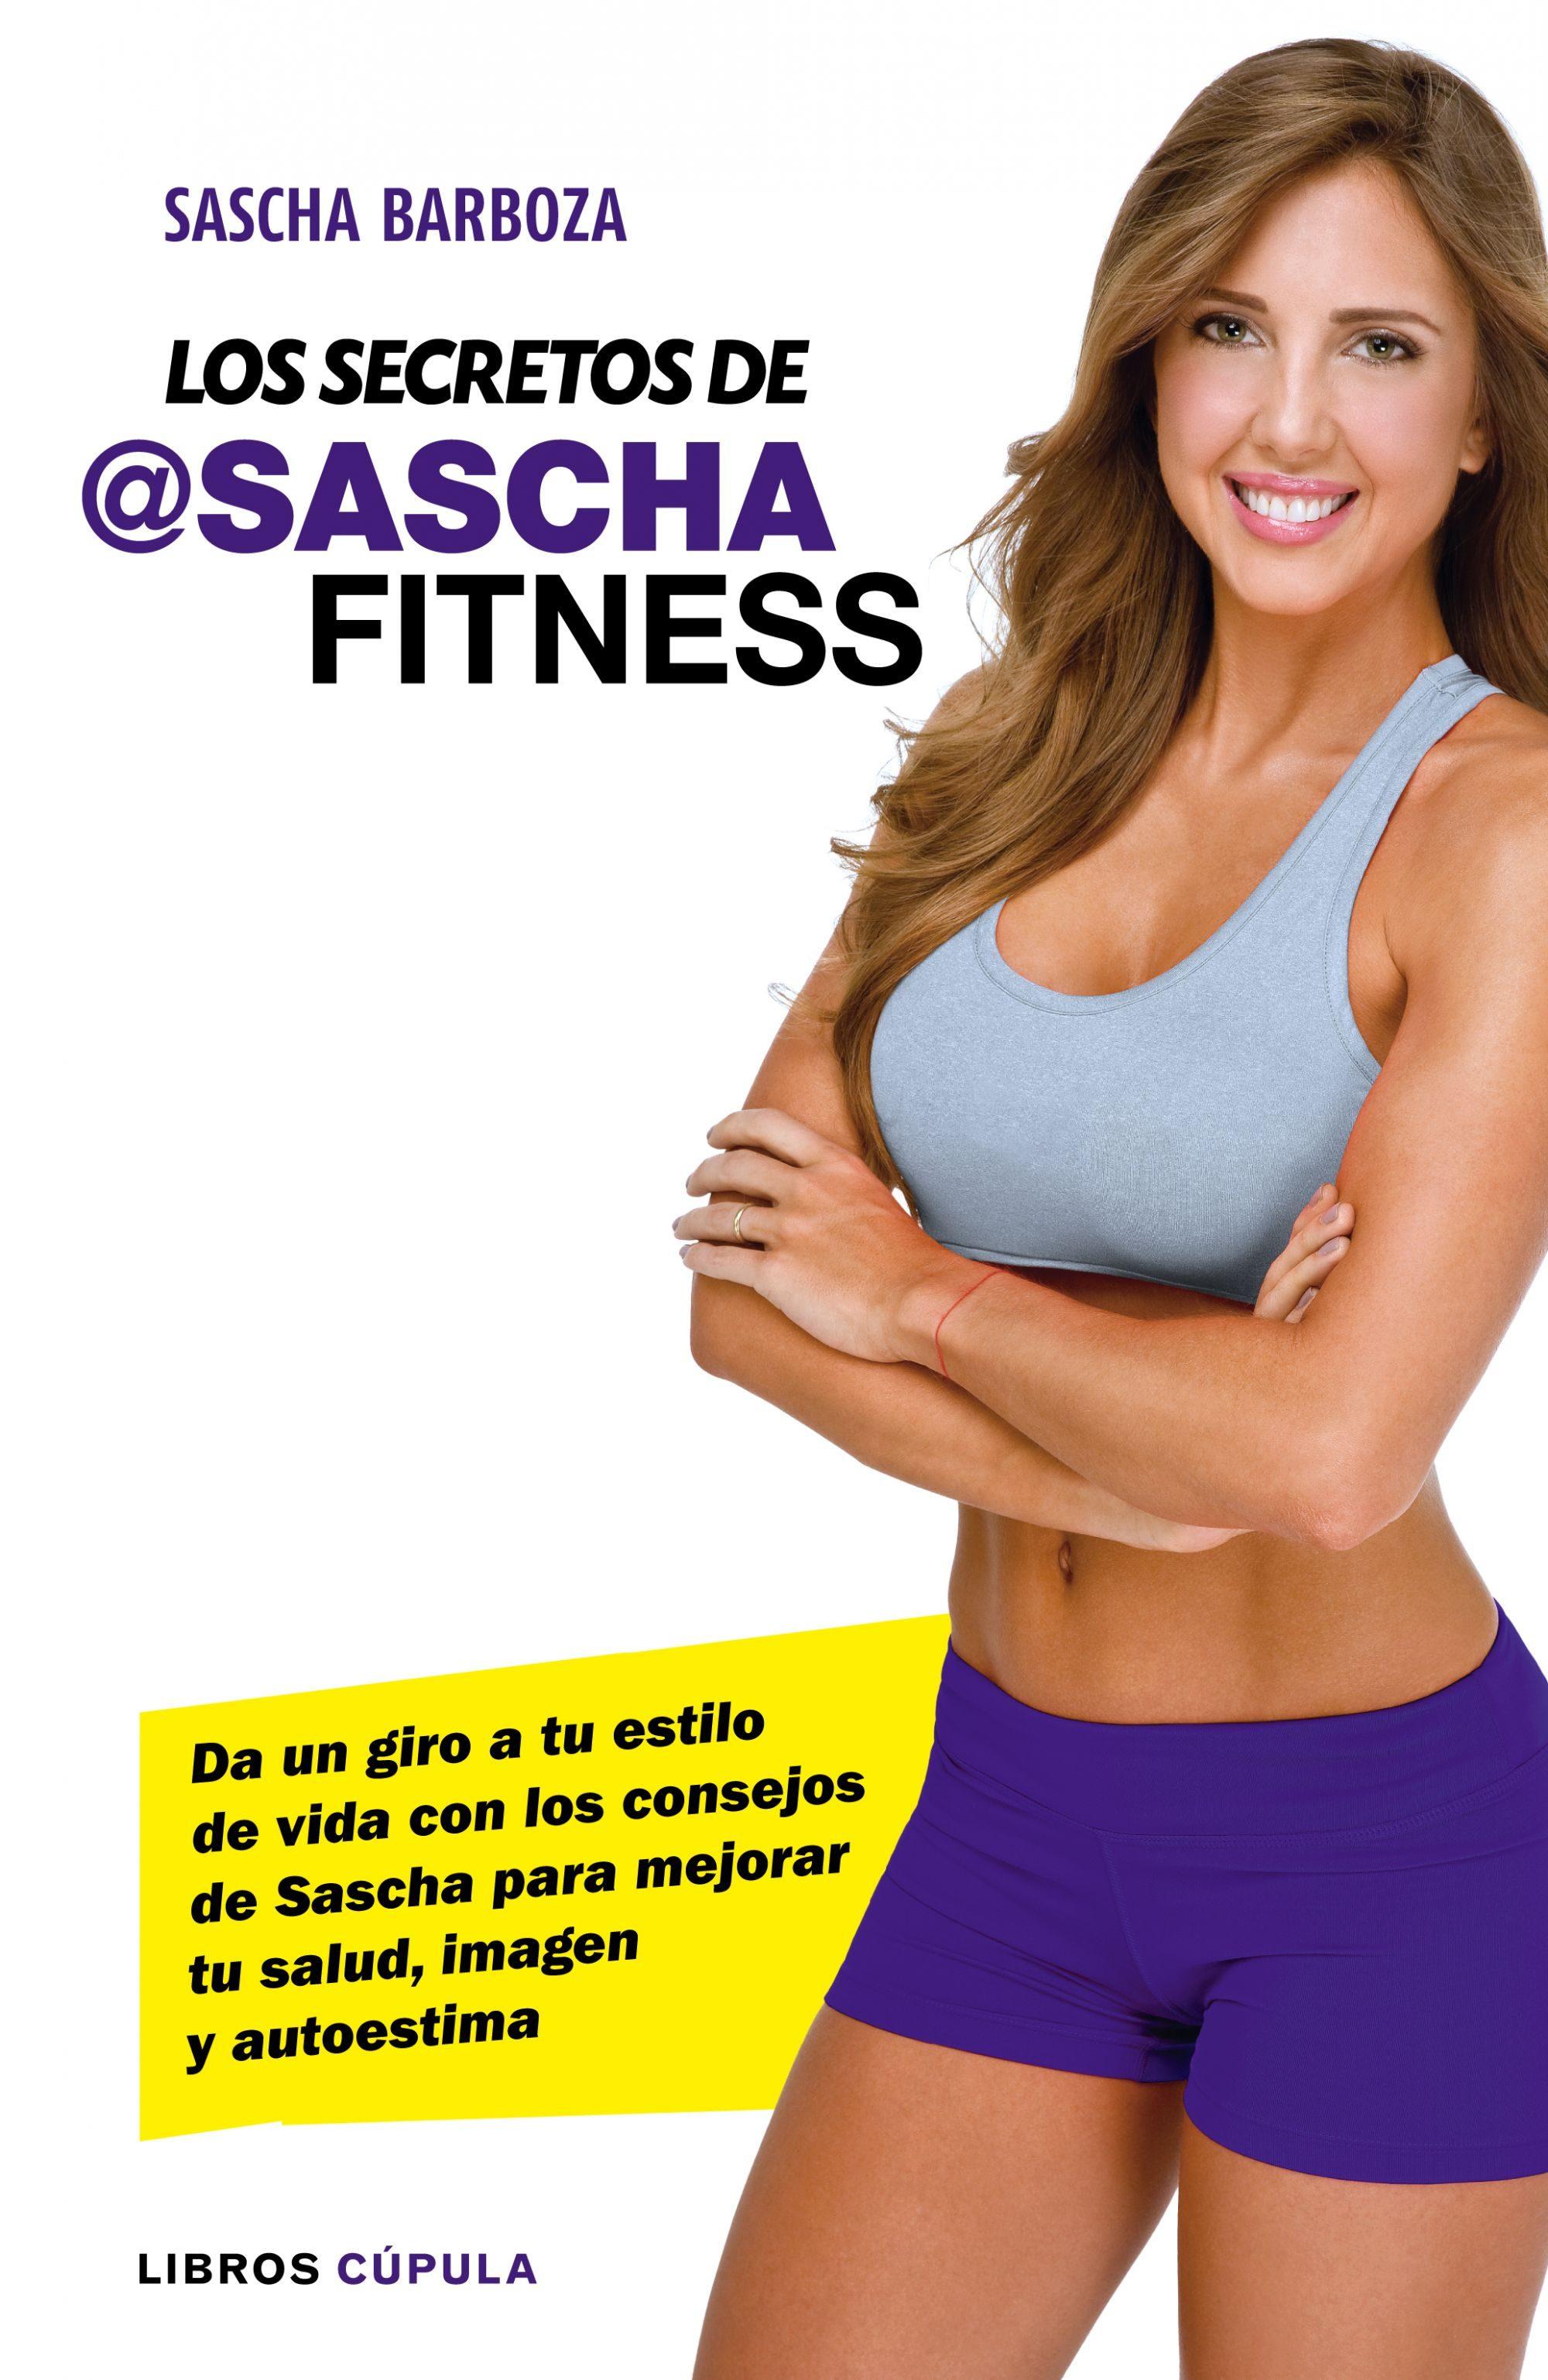 los secretos de sascha fitness da un giro a tu estilo de vida con